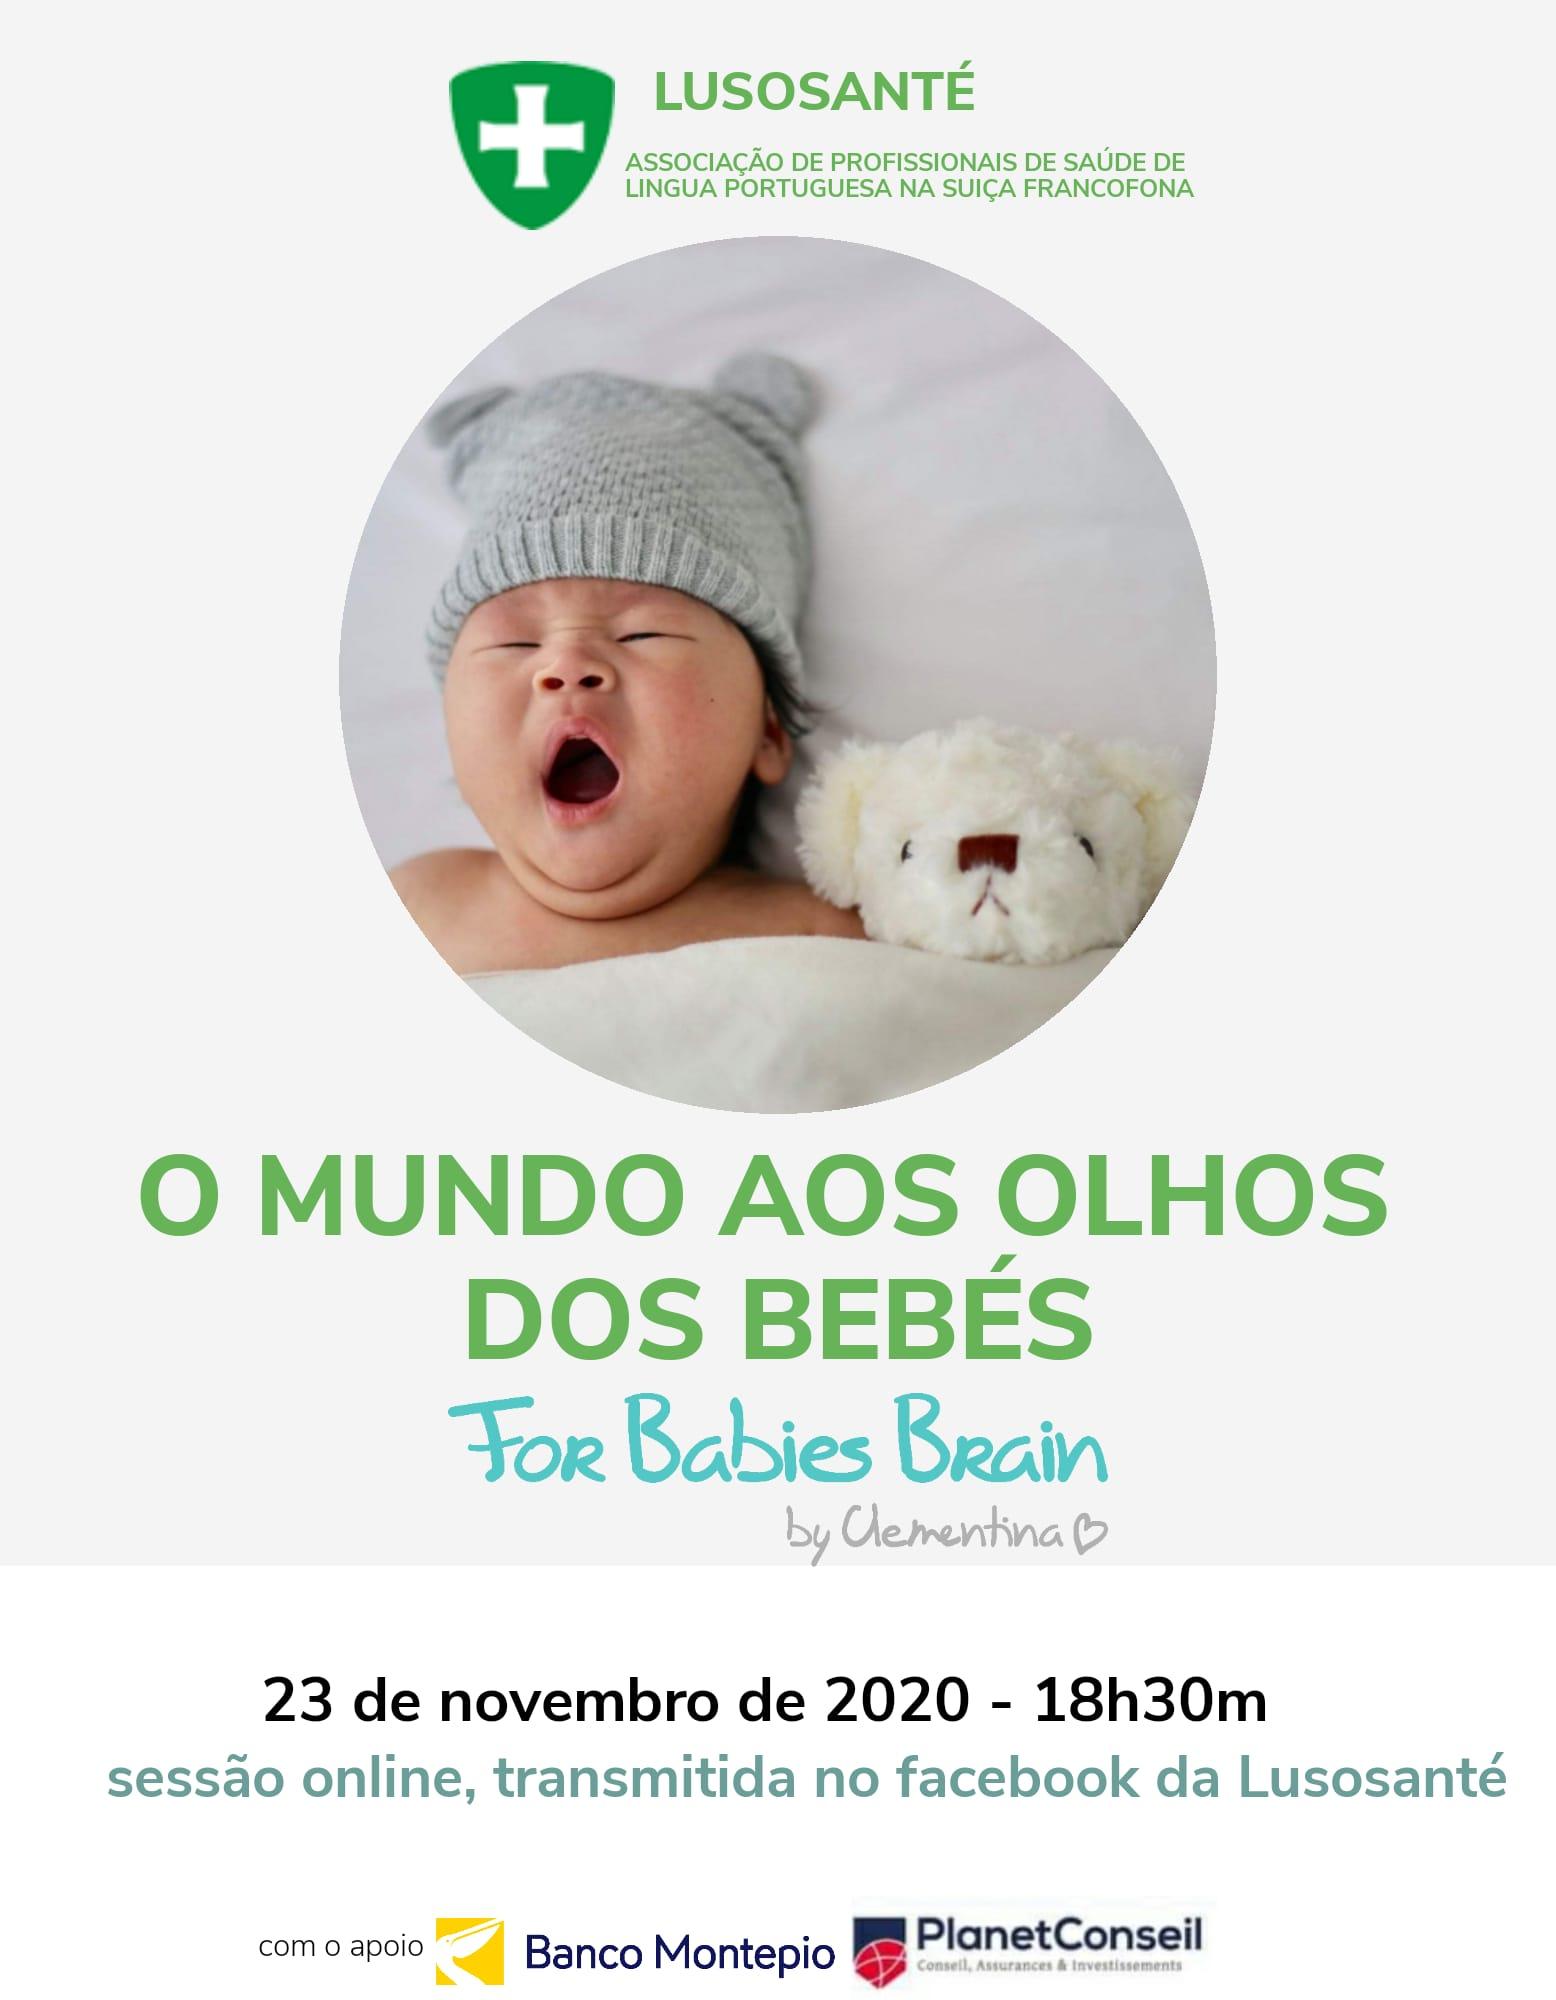 O mundo aos olhos dos bebés